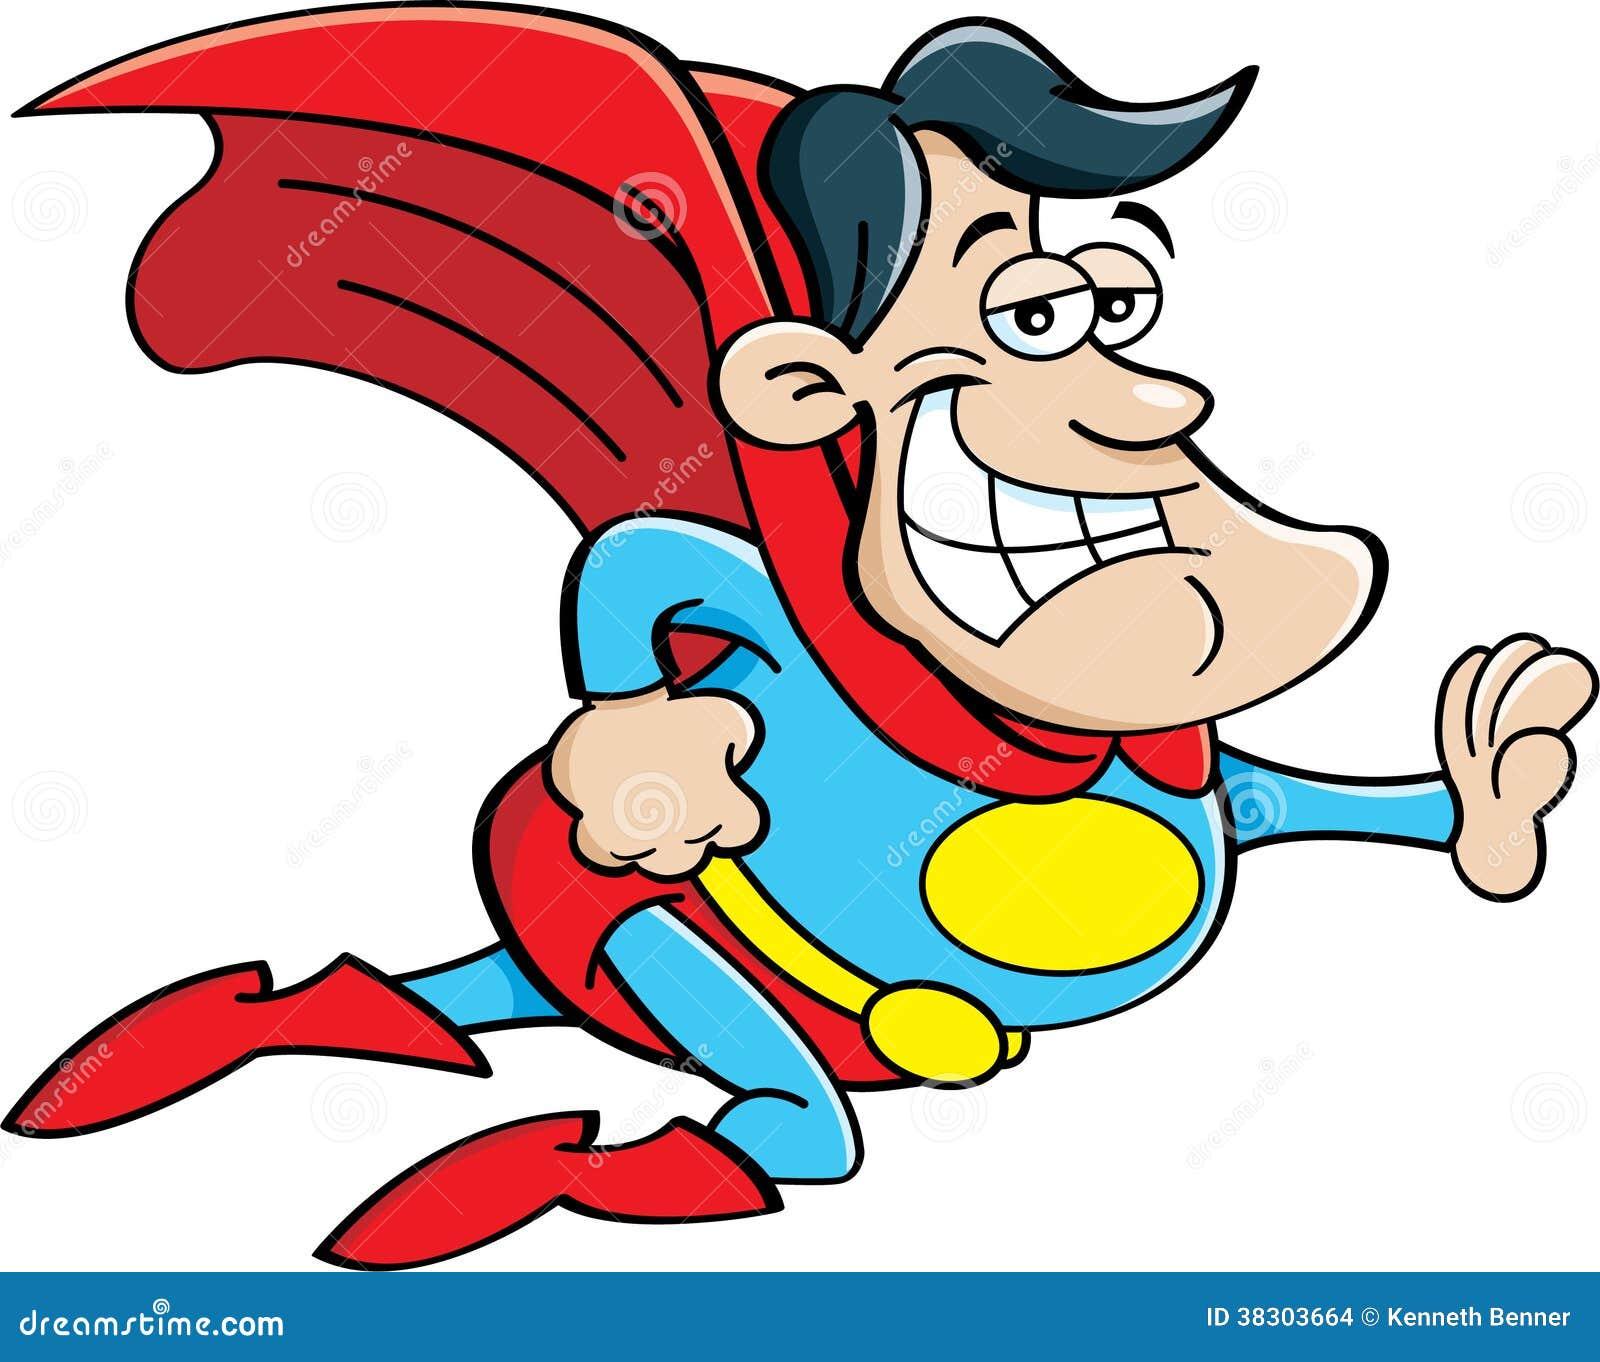 Cartoon Flying Superhero Stock Images - Image: 38303664